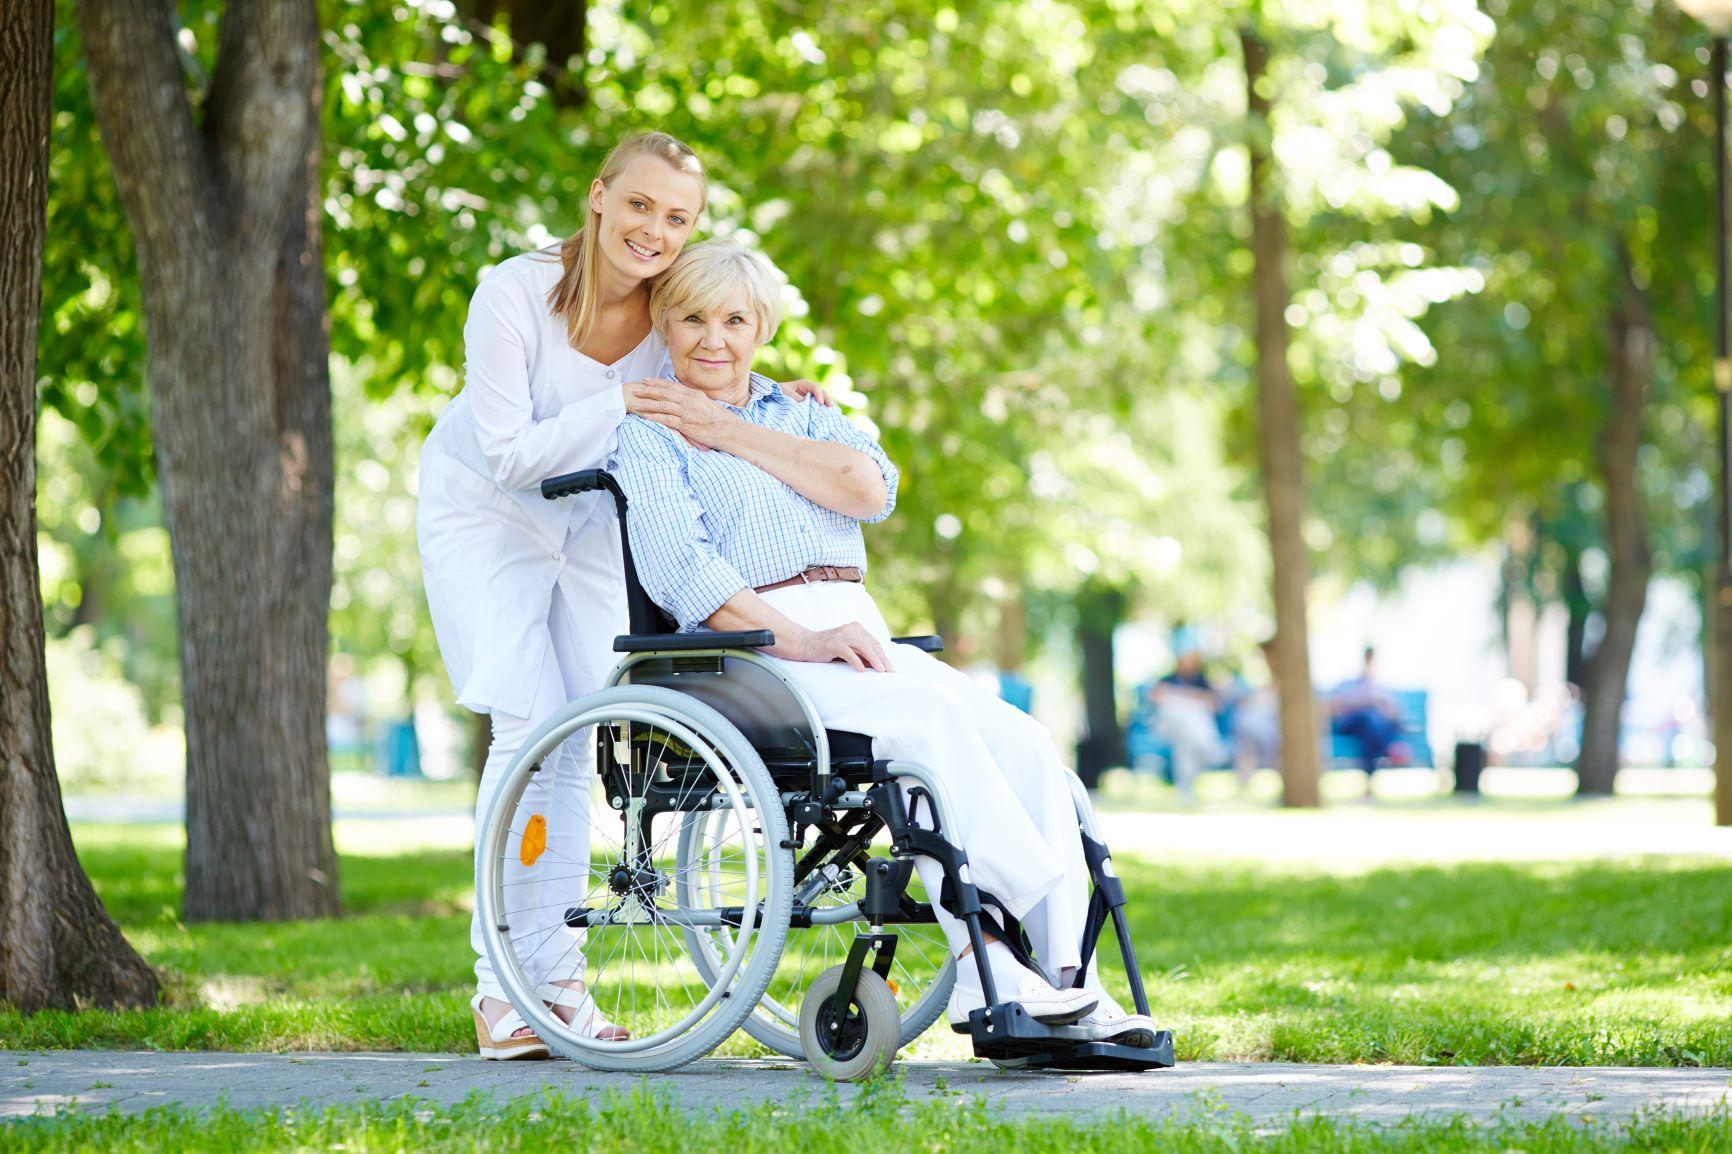 młoda kobieta przytula starszą kobietę siedzącą na wózku inwalidzkim